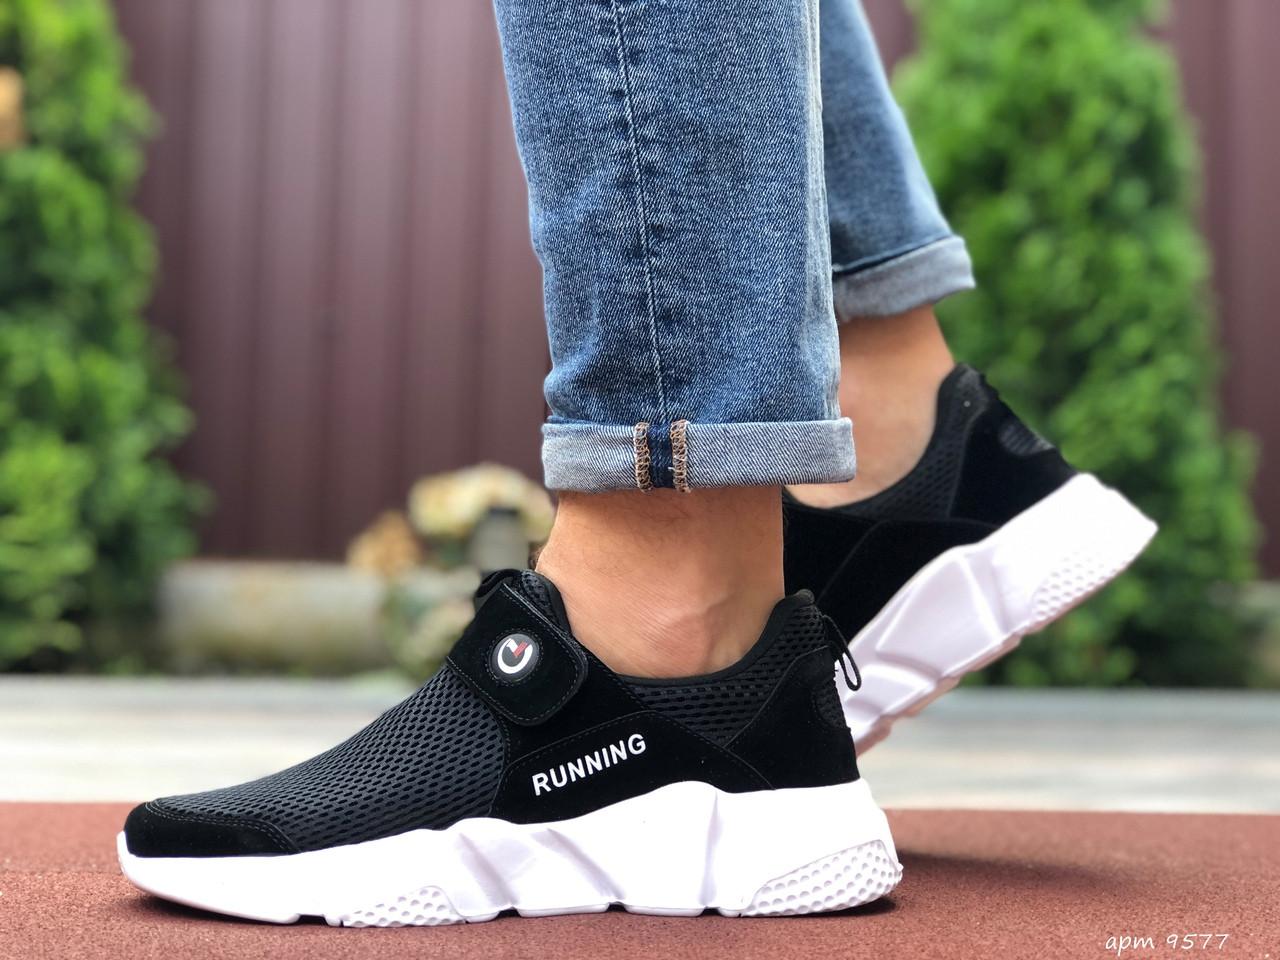 Мужские кроссовки Running (черно-белые) 9577